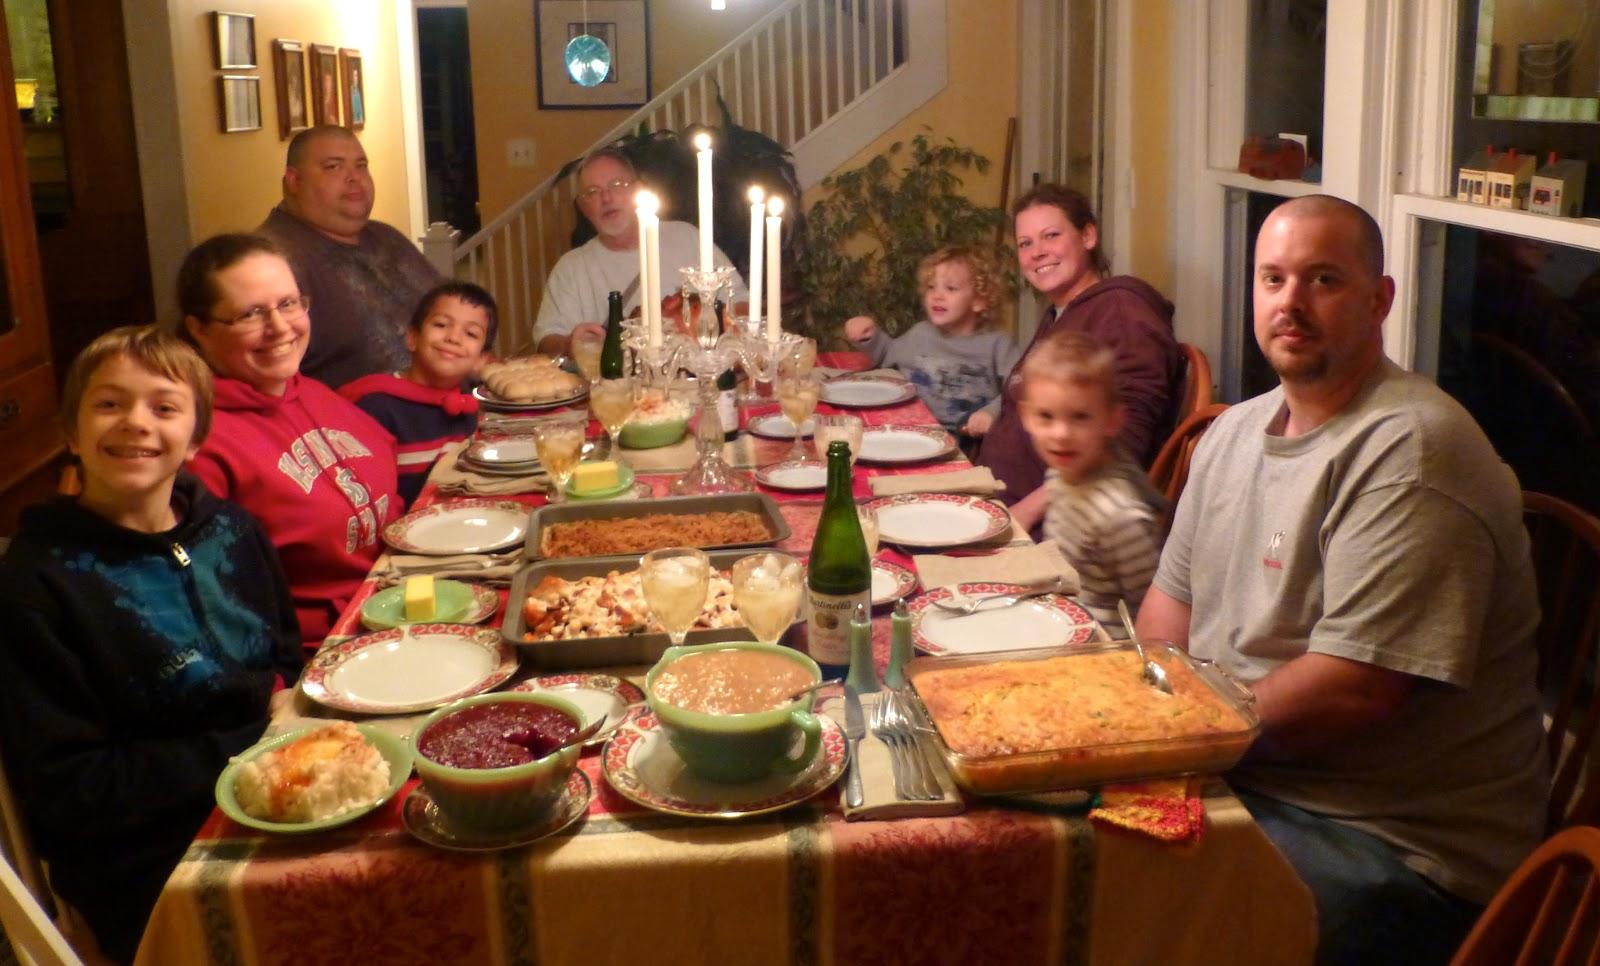 Teresa Kasner: Family FEAST!